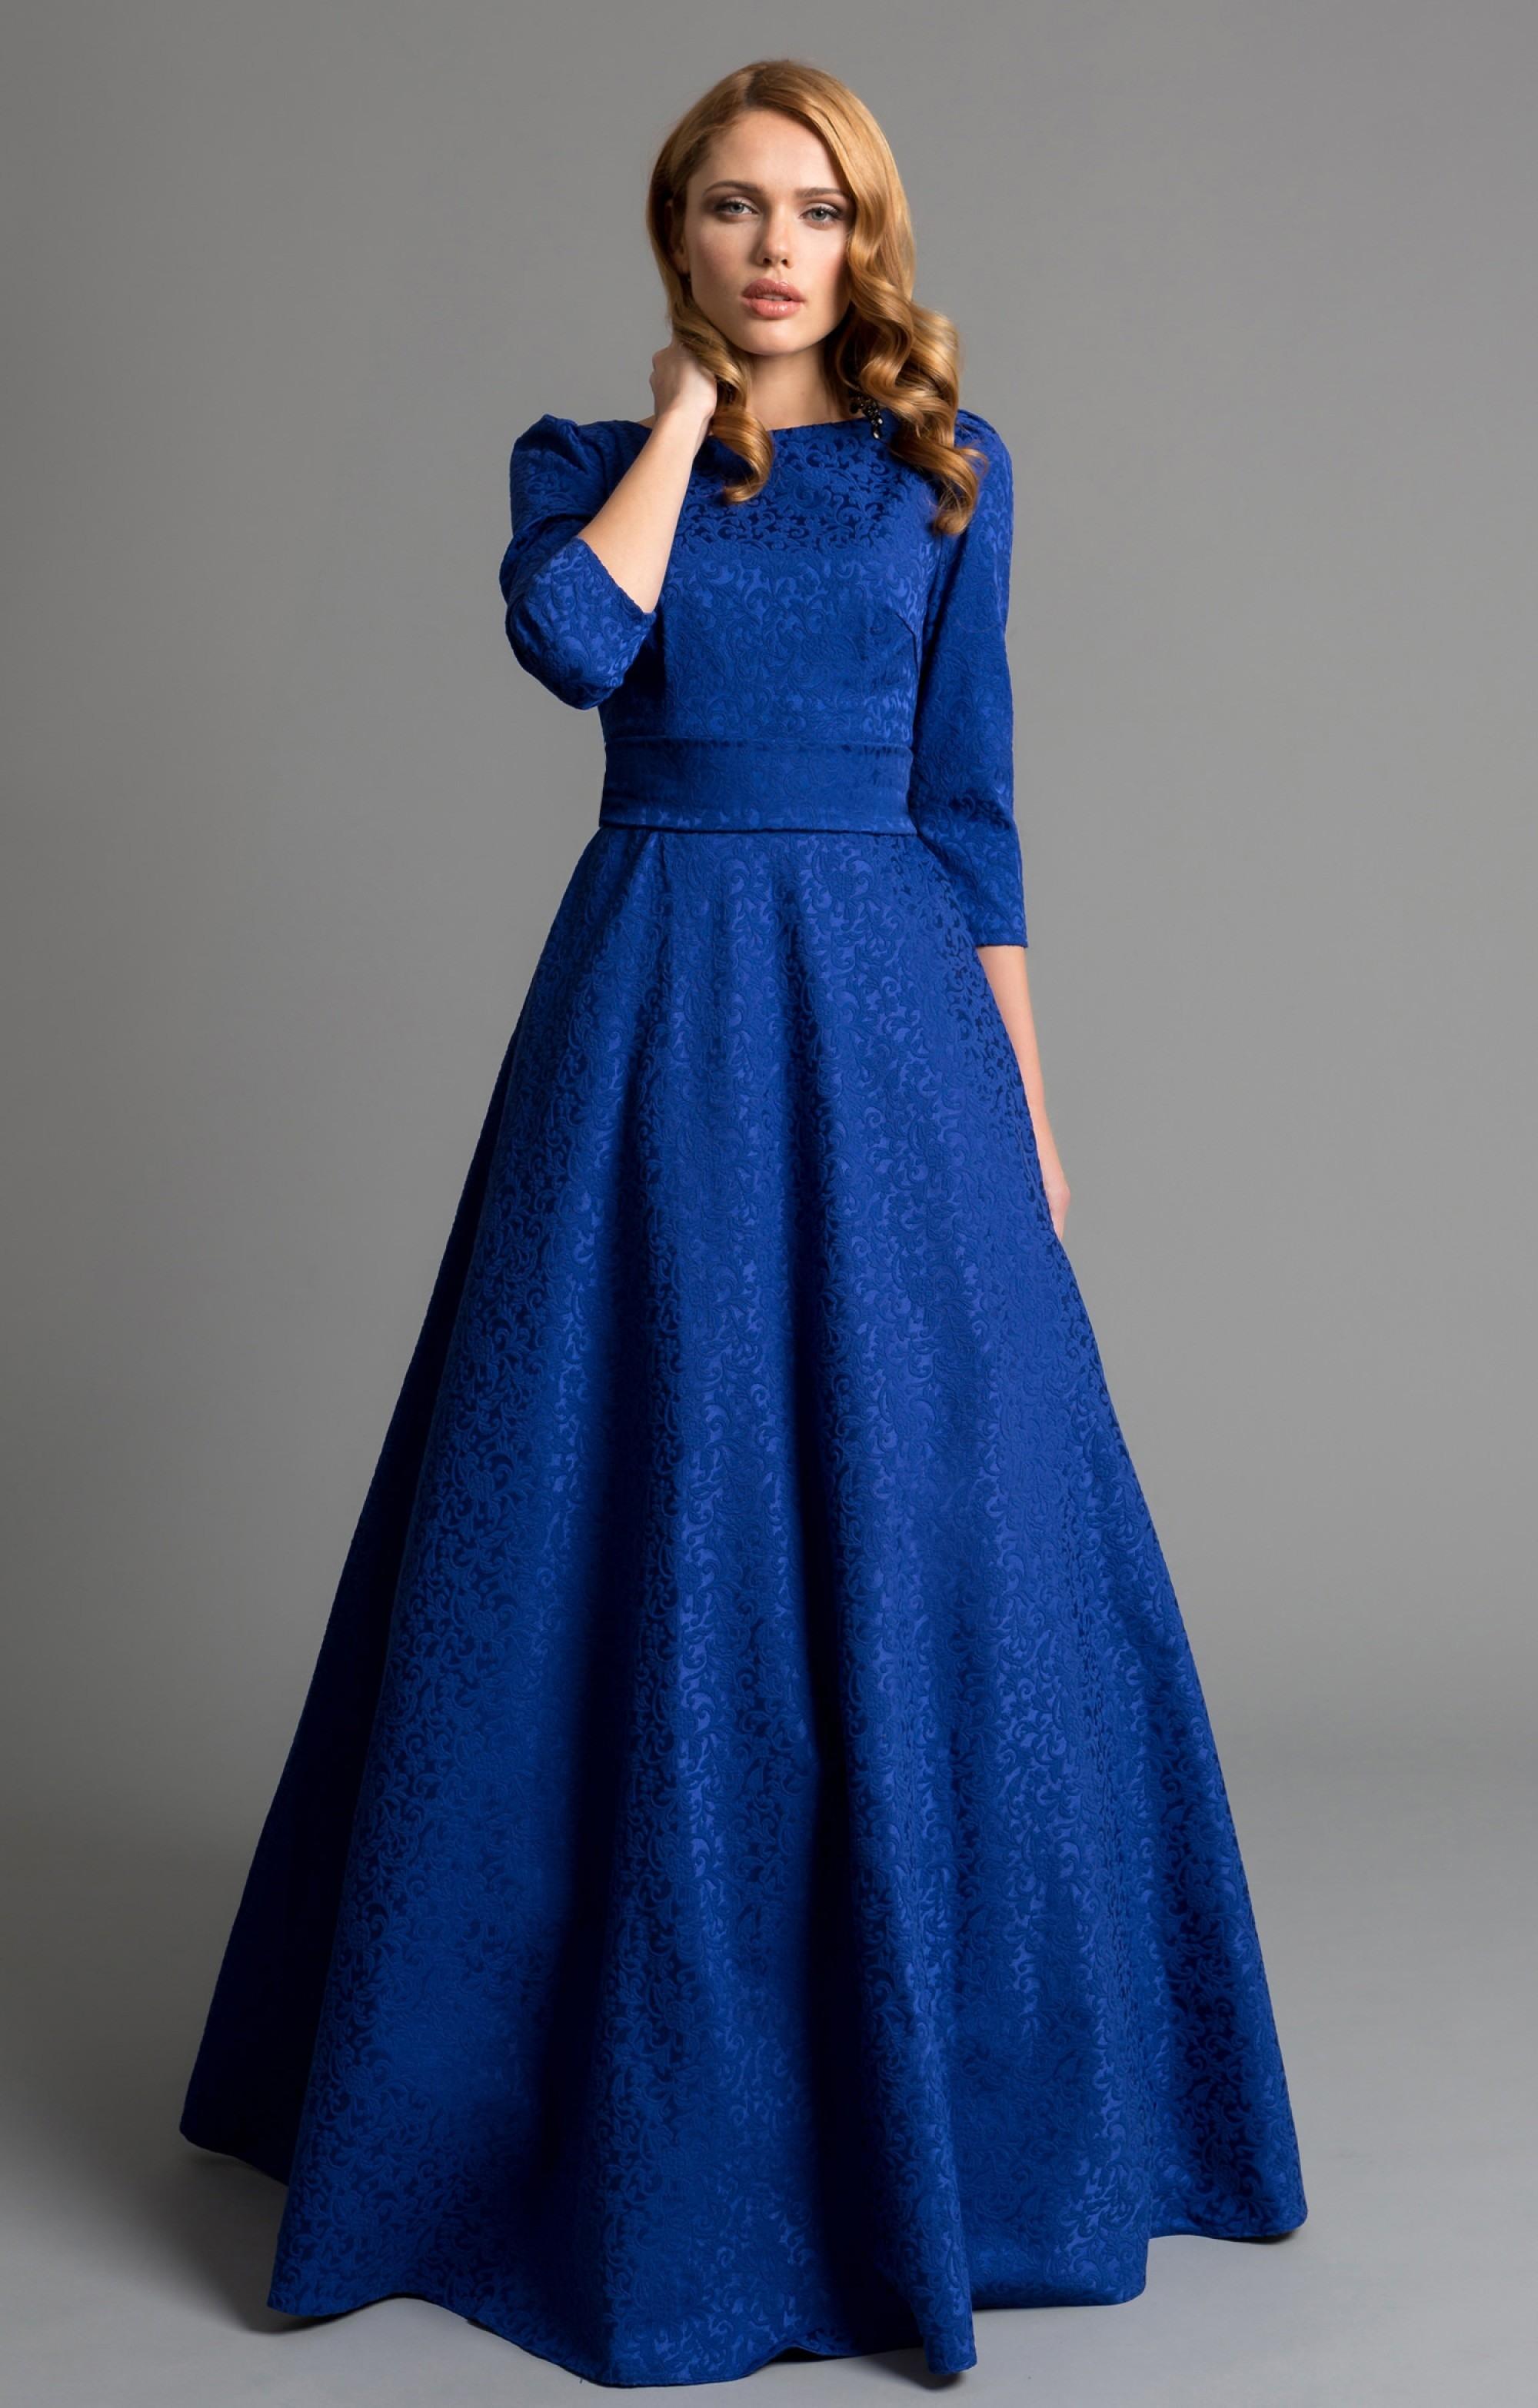 10 Schön Kleid Royalblau GalerieAbend Einfach Kleid Royalblau Design